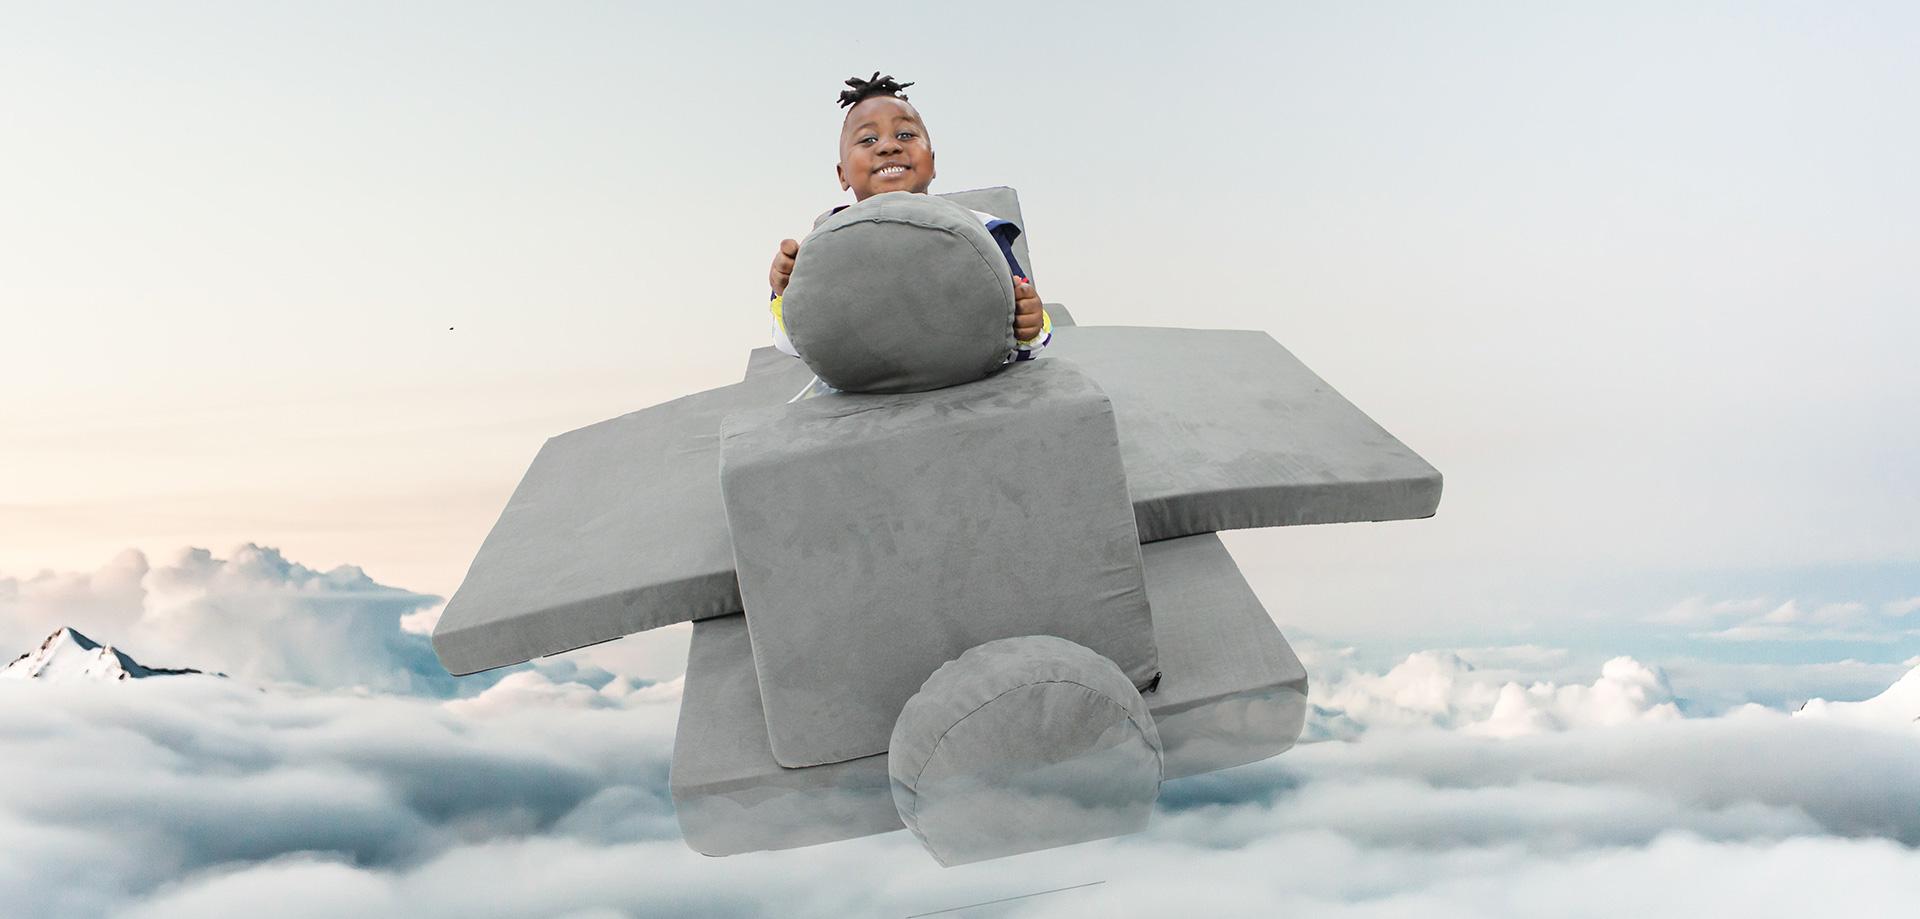 Kiddoz Plane